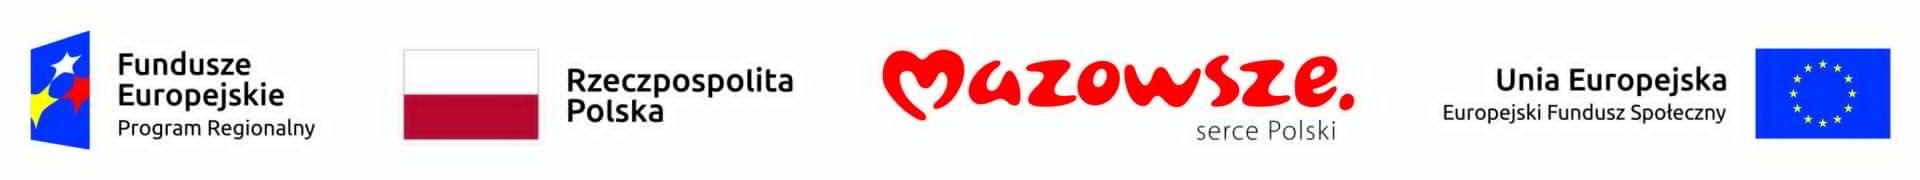 zestawienie czterech logotypów, wyliczając od lewej: logotyp Funduszy Europejskich Programu Regionalnego, flaga Rzeczpospolitej Polskiej, logotyp Mazowsze serce Polski oraz flaga Unii Europejskiej z dopiskiem Europejski Fundusz Społeczny